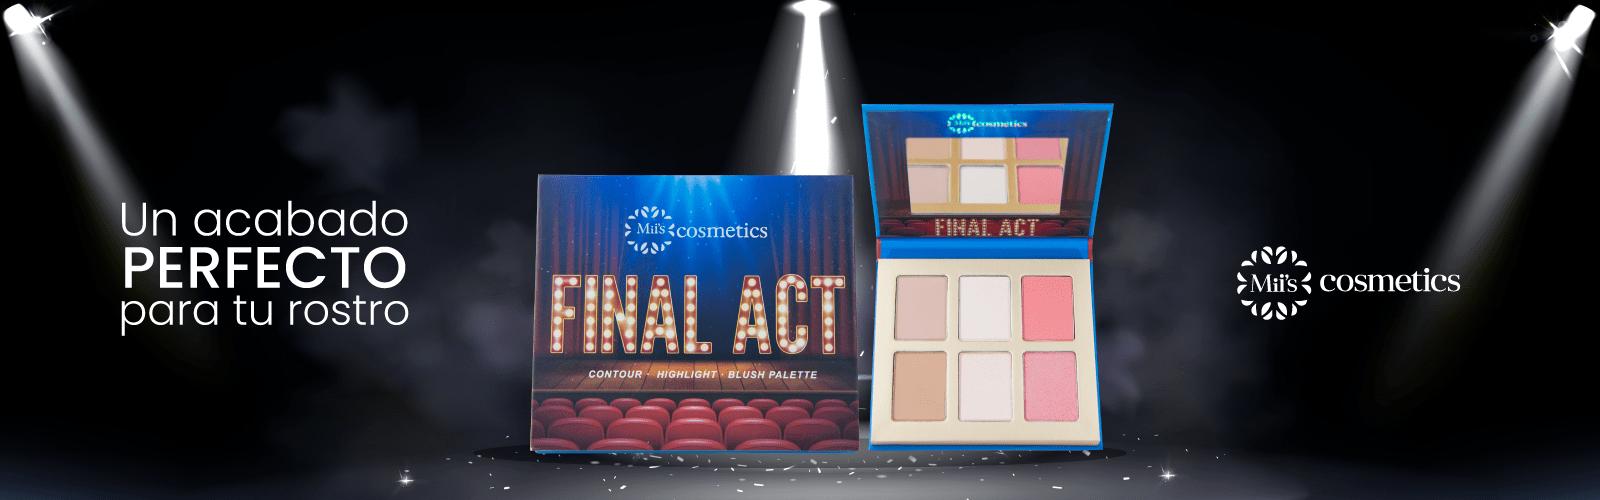 Banner-Final-Act-min